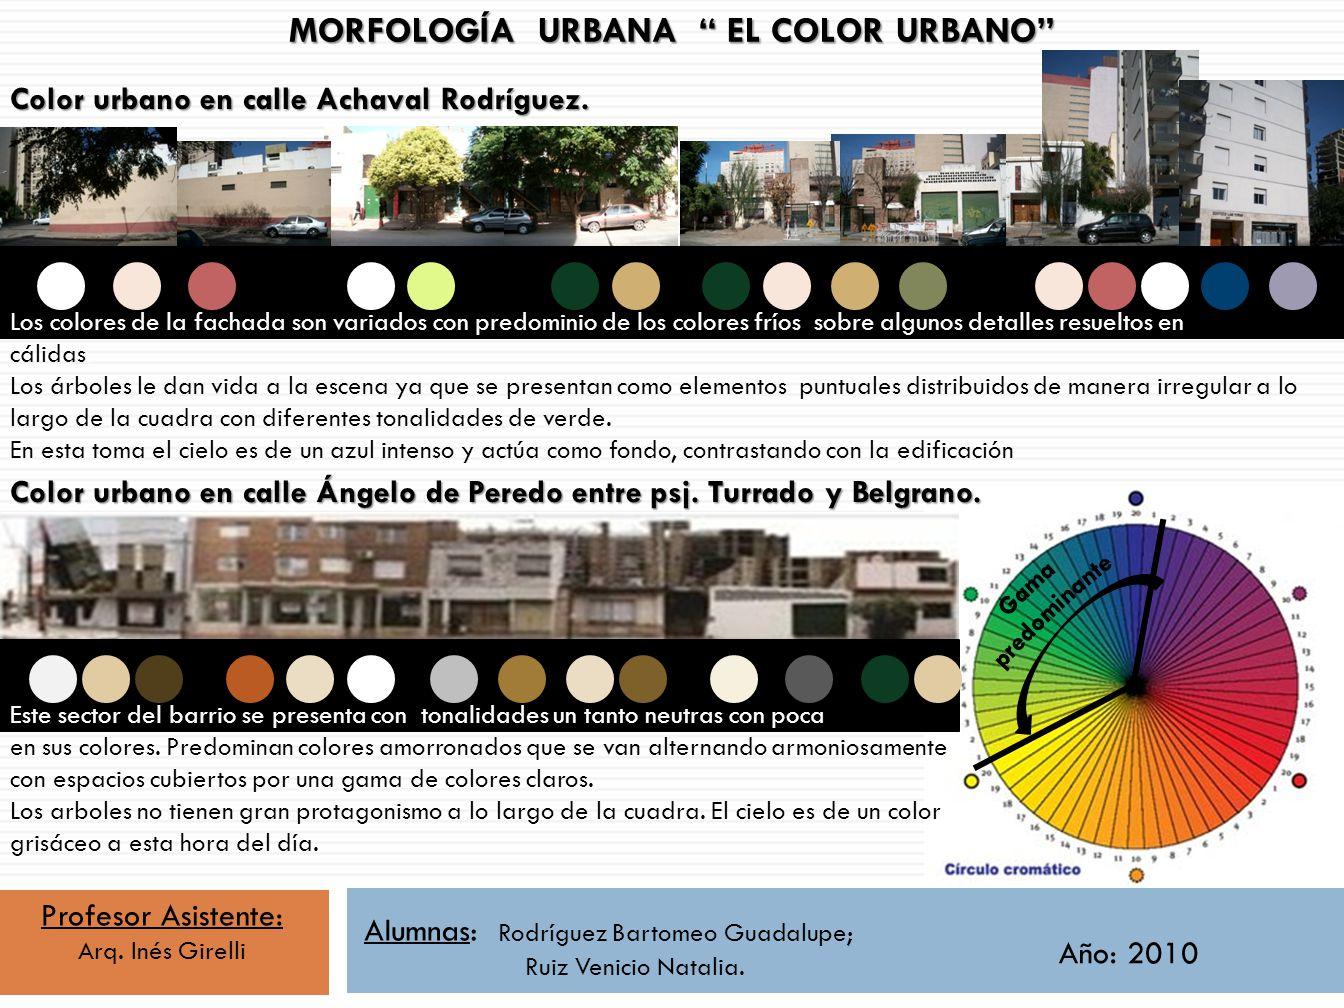 Color urbano en calle Belgrano.